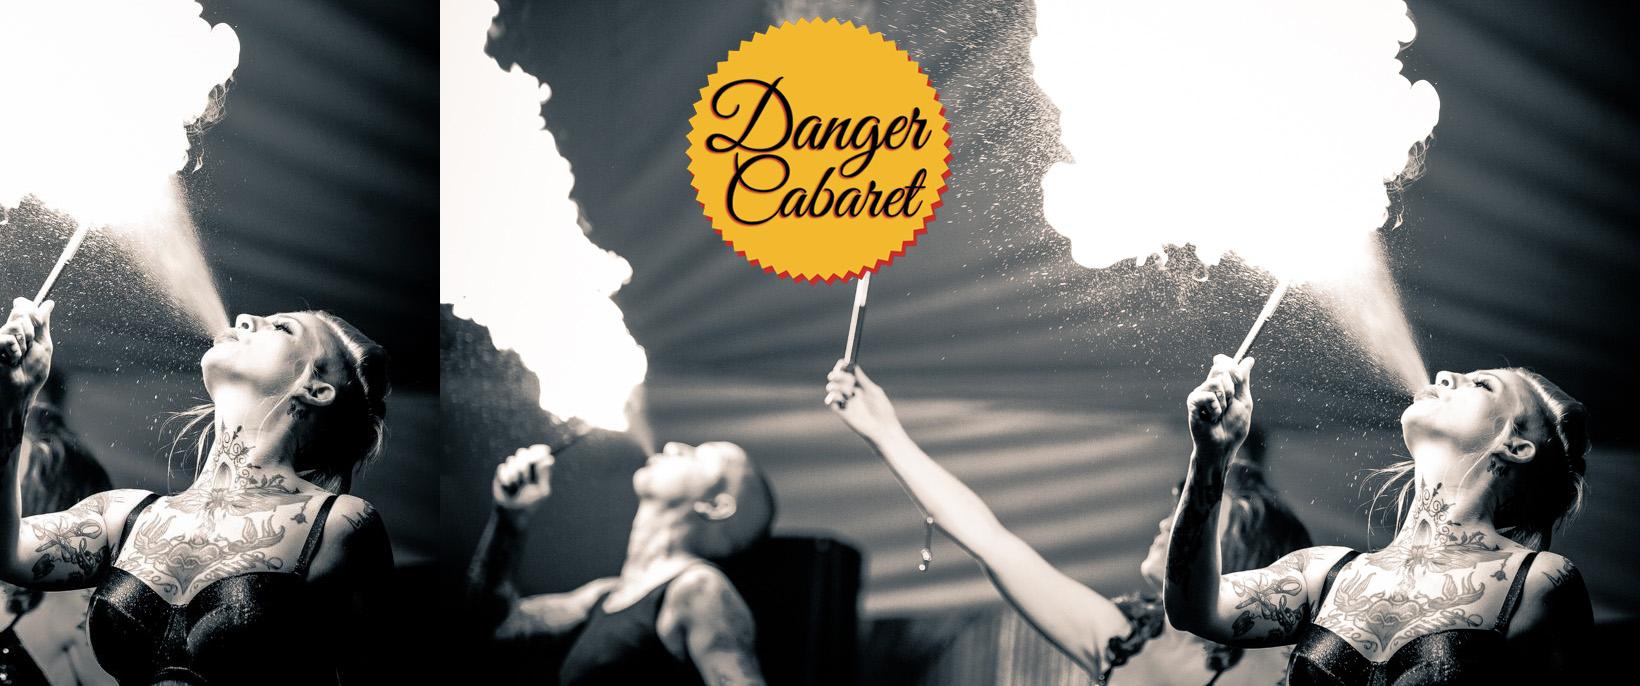 Danger Cabaret.jpg